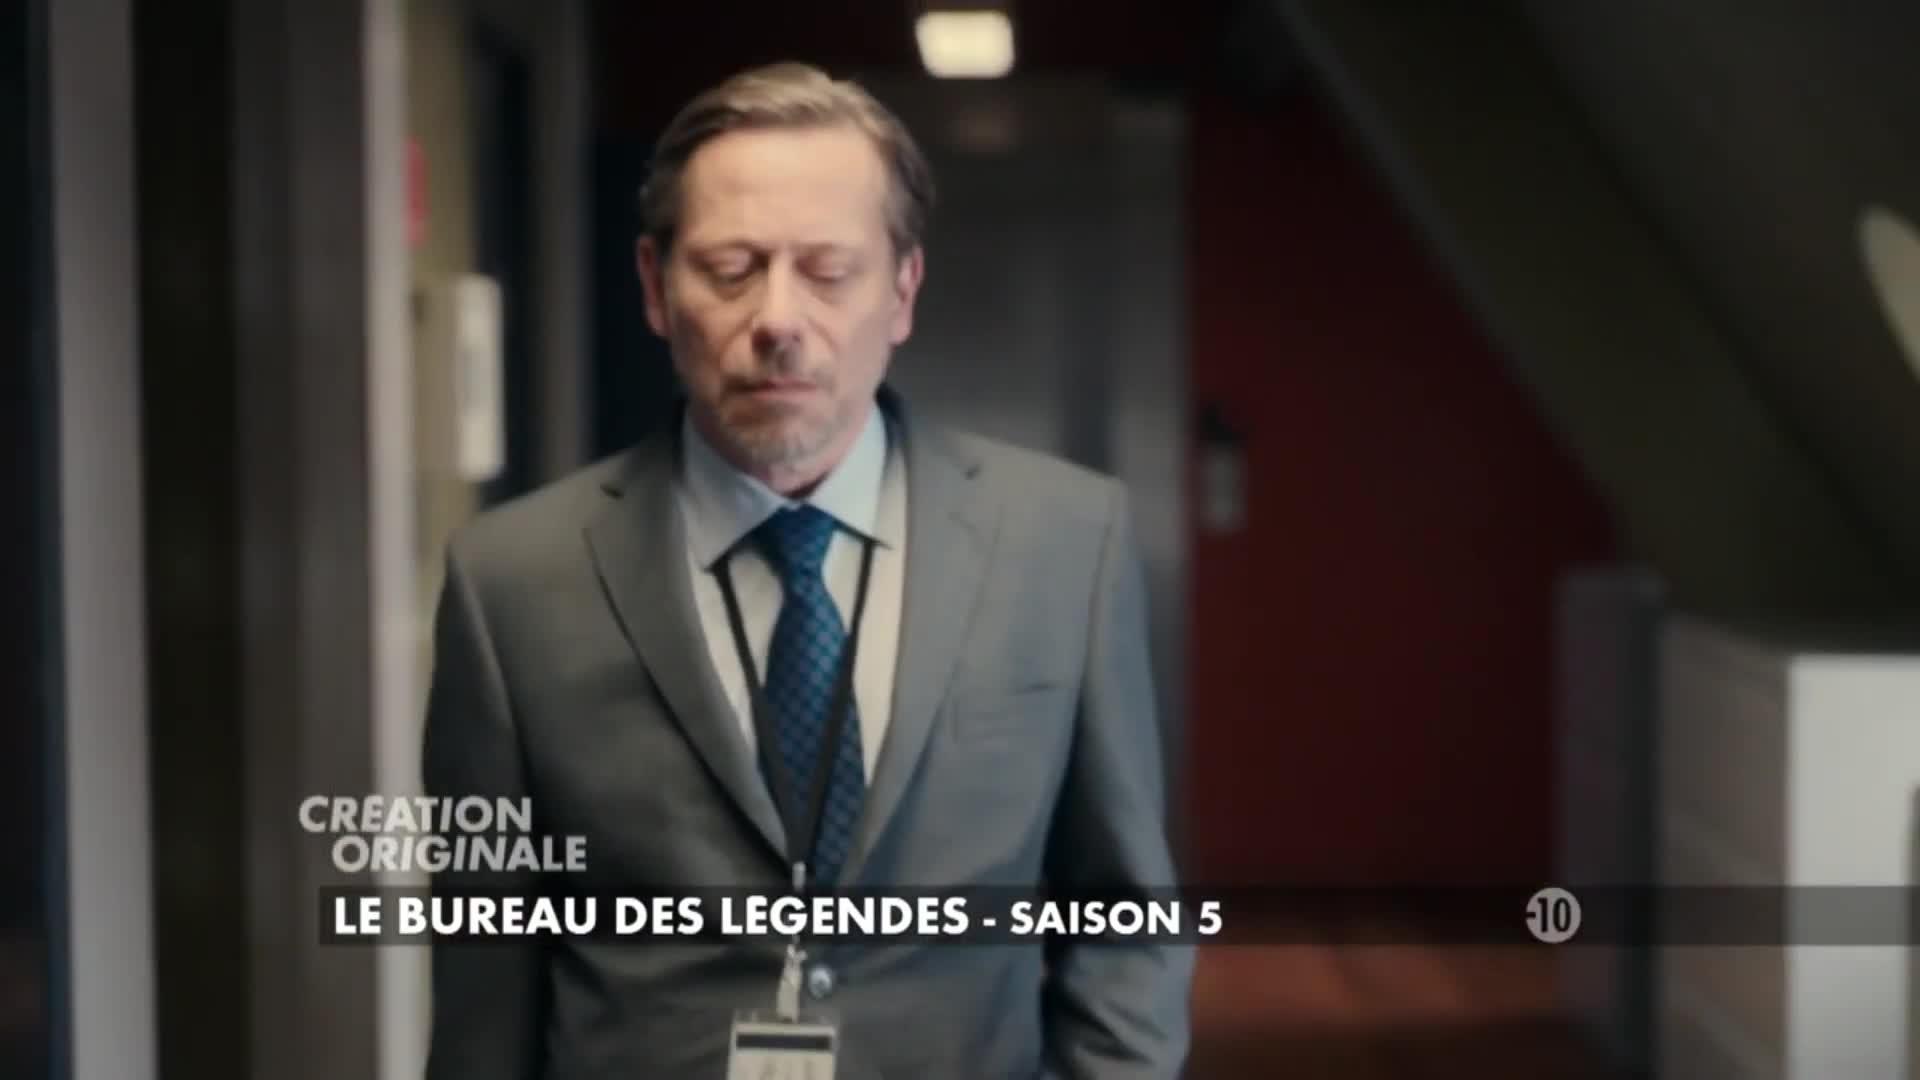 Le Bureau des Lgendes saison 5  - Bande-annonce (90s)